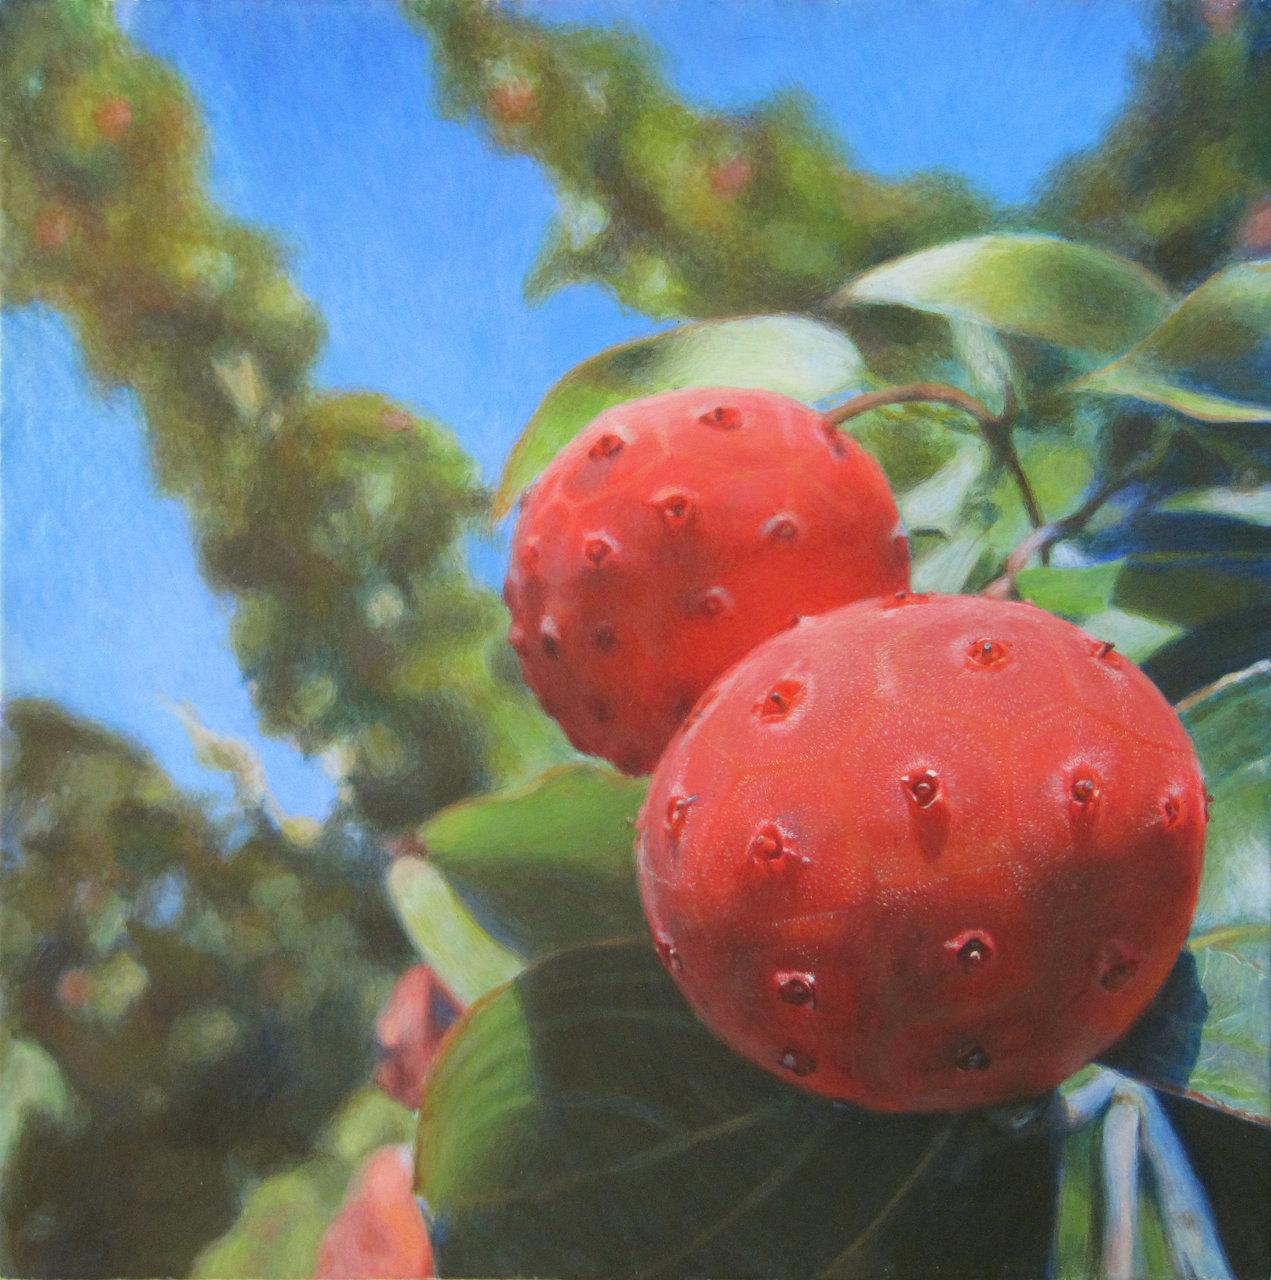 Academy Berries